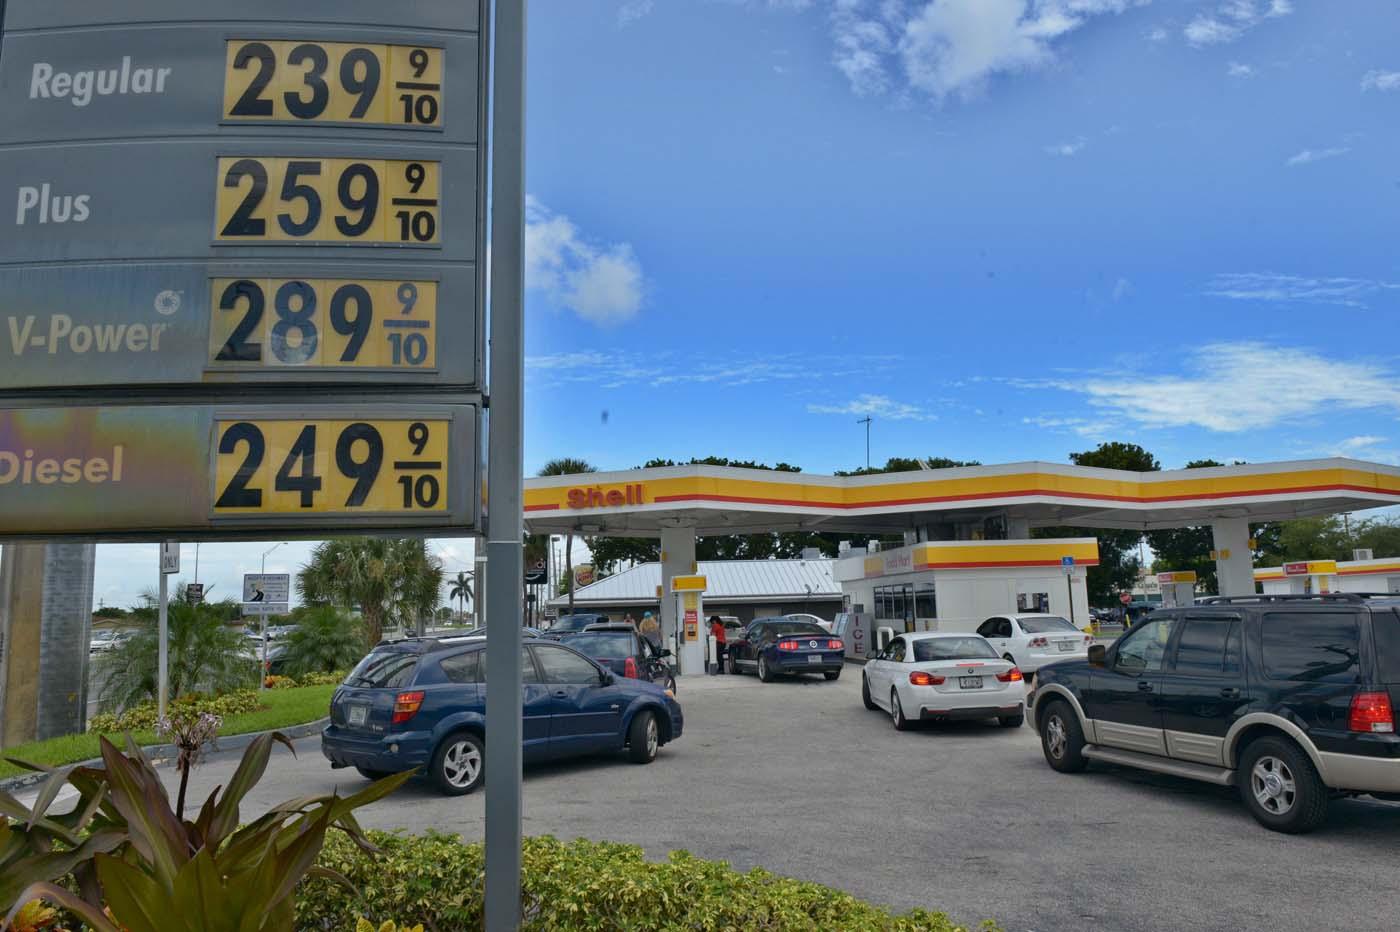 SHM50 - MIAMI (FL, EEUU), 05/10/2016.- Varios autos esperan en fila para abastecerse de gasolina ante la llegada del huracán Matthew hoy, miércoles 5 de octubre 2016, en Miami, Florida (Estados Unidos). Los residentes de Florida enfrentan hoy una maratoniana jornada en busca de comida, agua, gasolina, medicinas y barreras de contención para encarar el impacto de Matthew, que se prevé que afectará a partir de mañana al sureste de Estados Unidos como un huracán de categoría mayor. EFE/Giorgio Viera